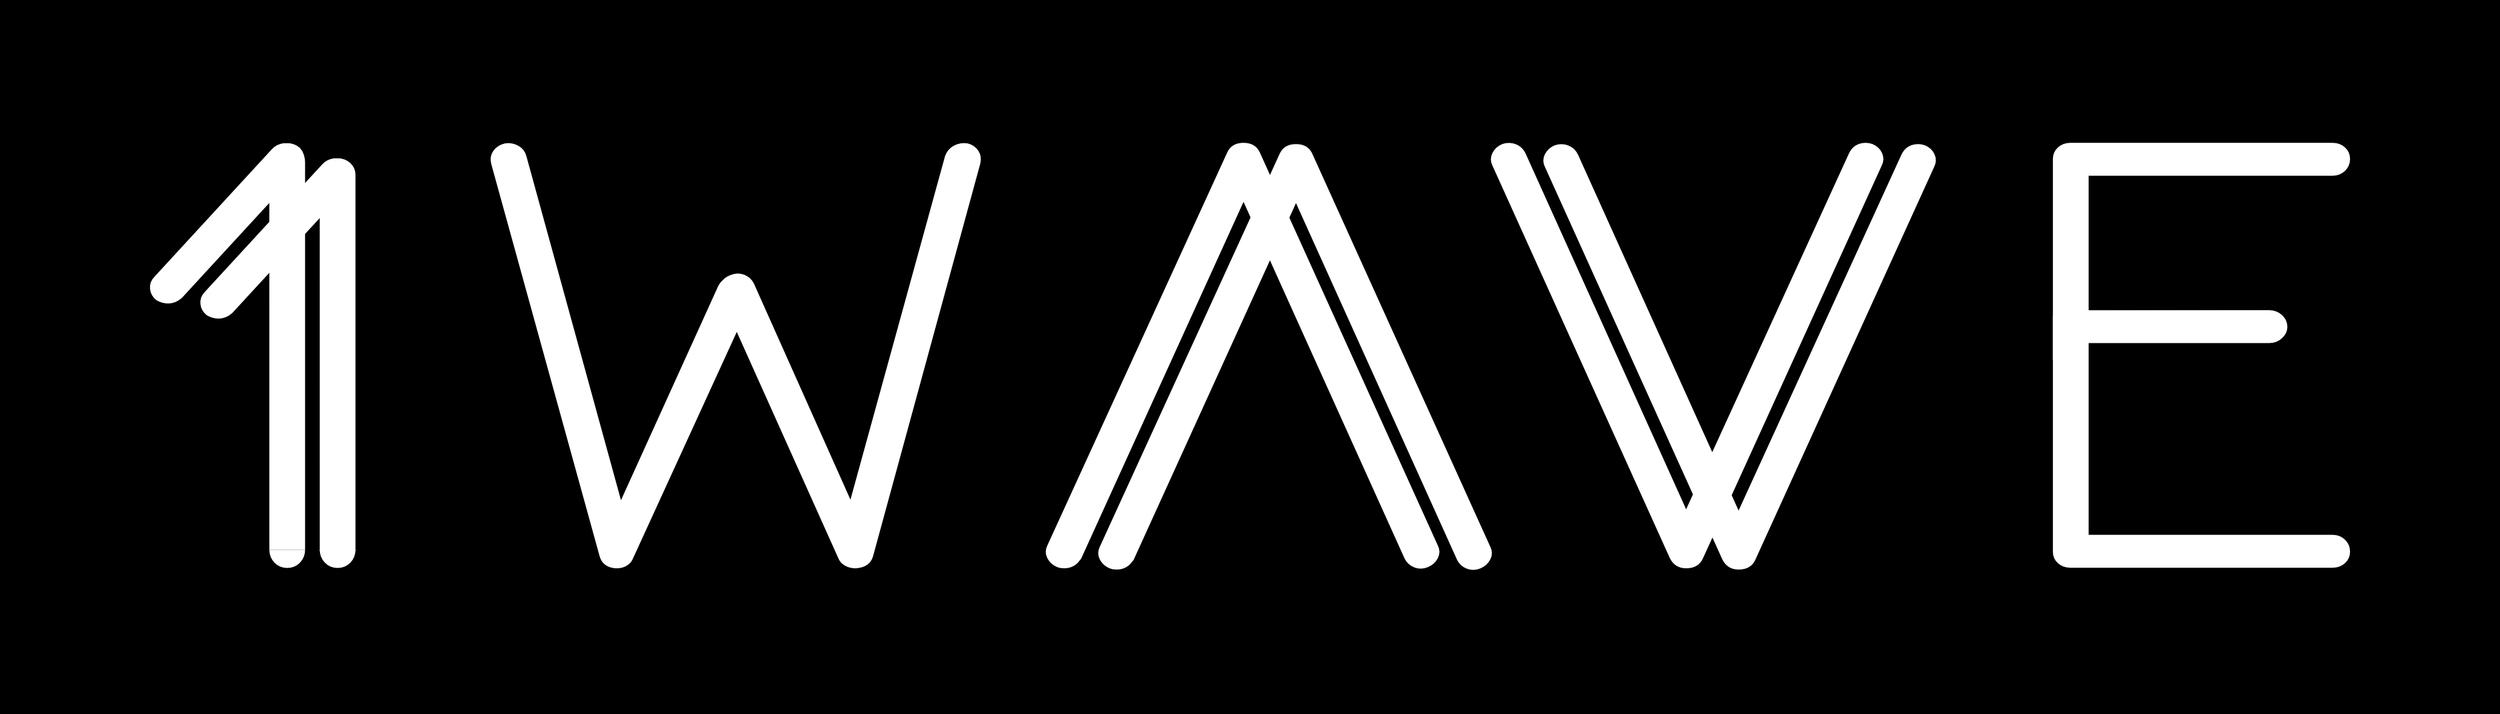 1WAVE Logo W:B.png